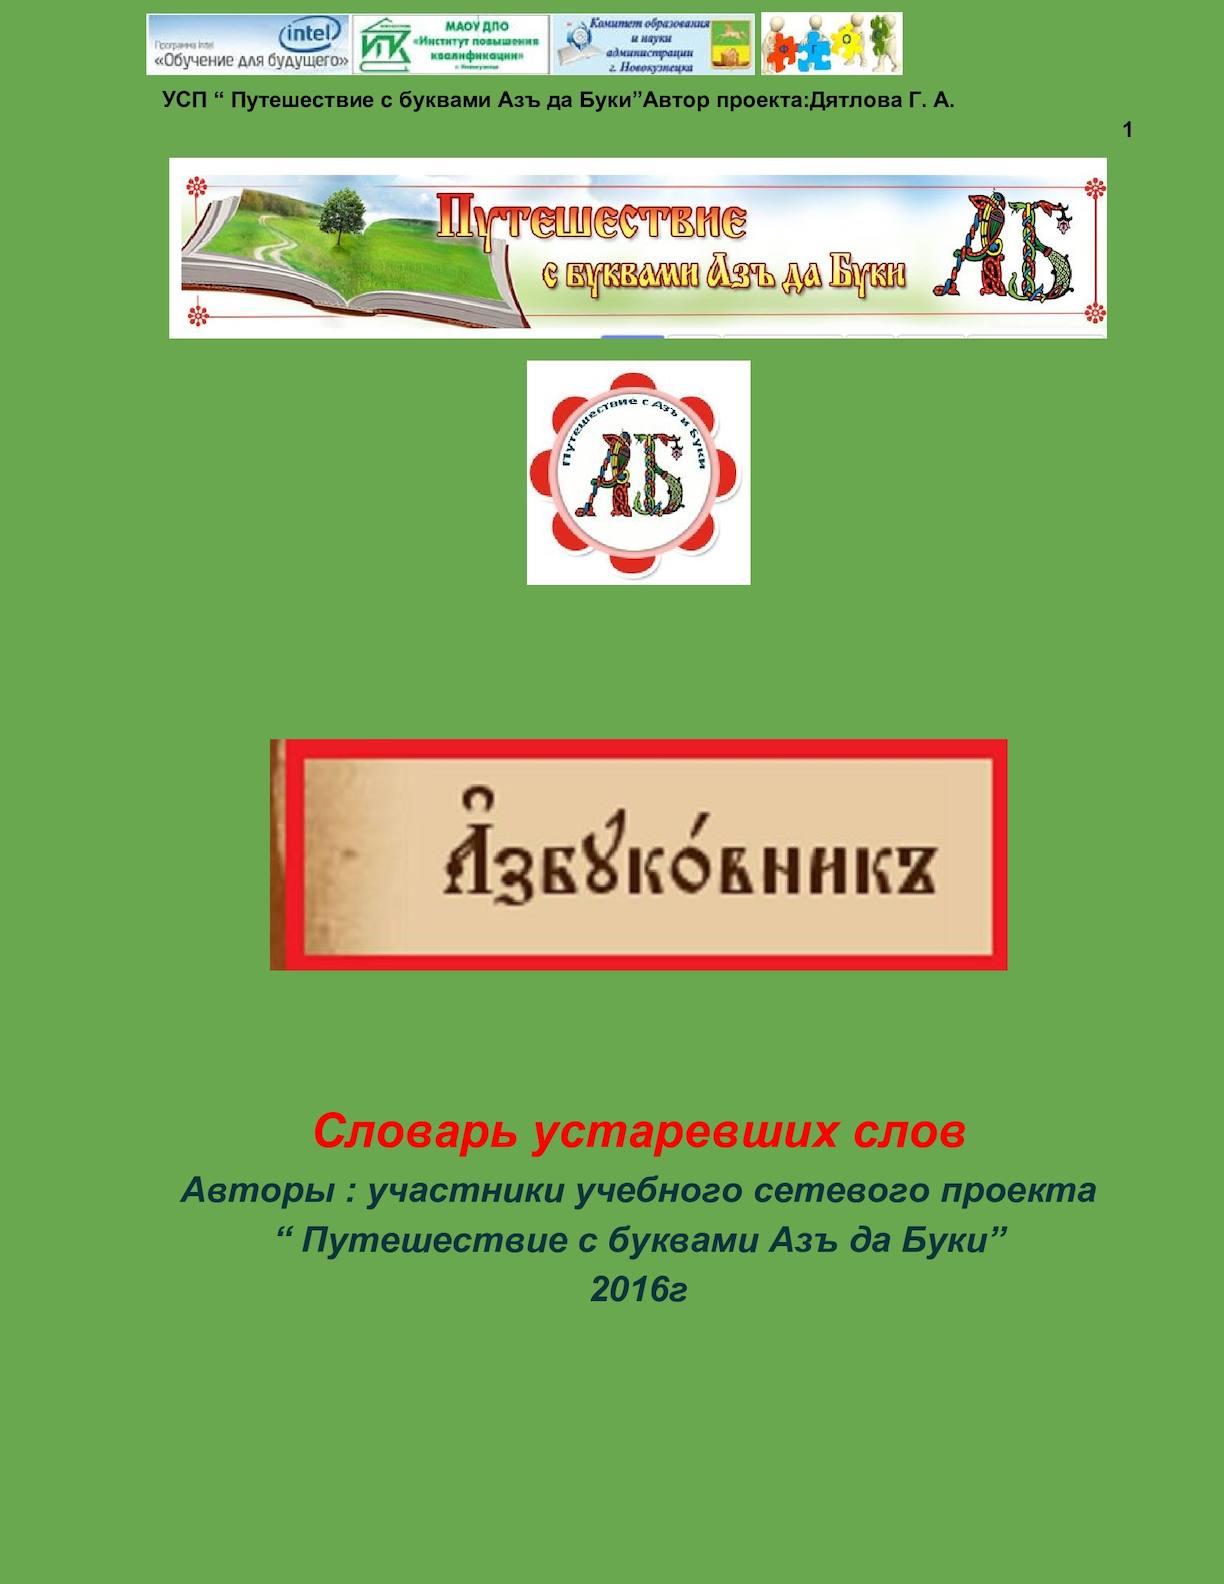 Словарь Азбуковник 2016г